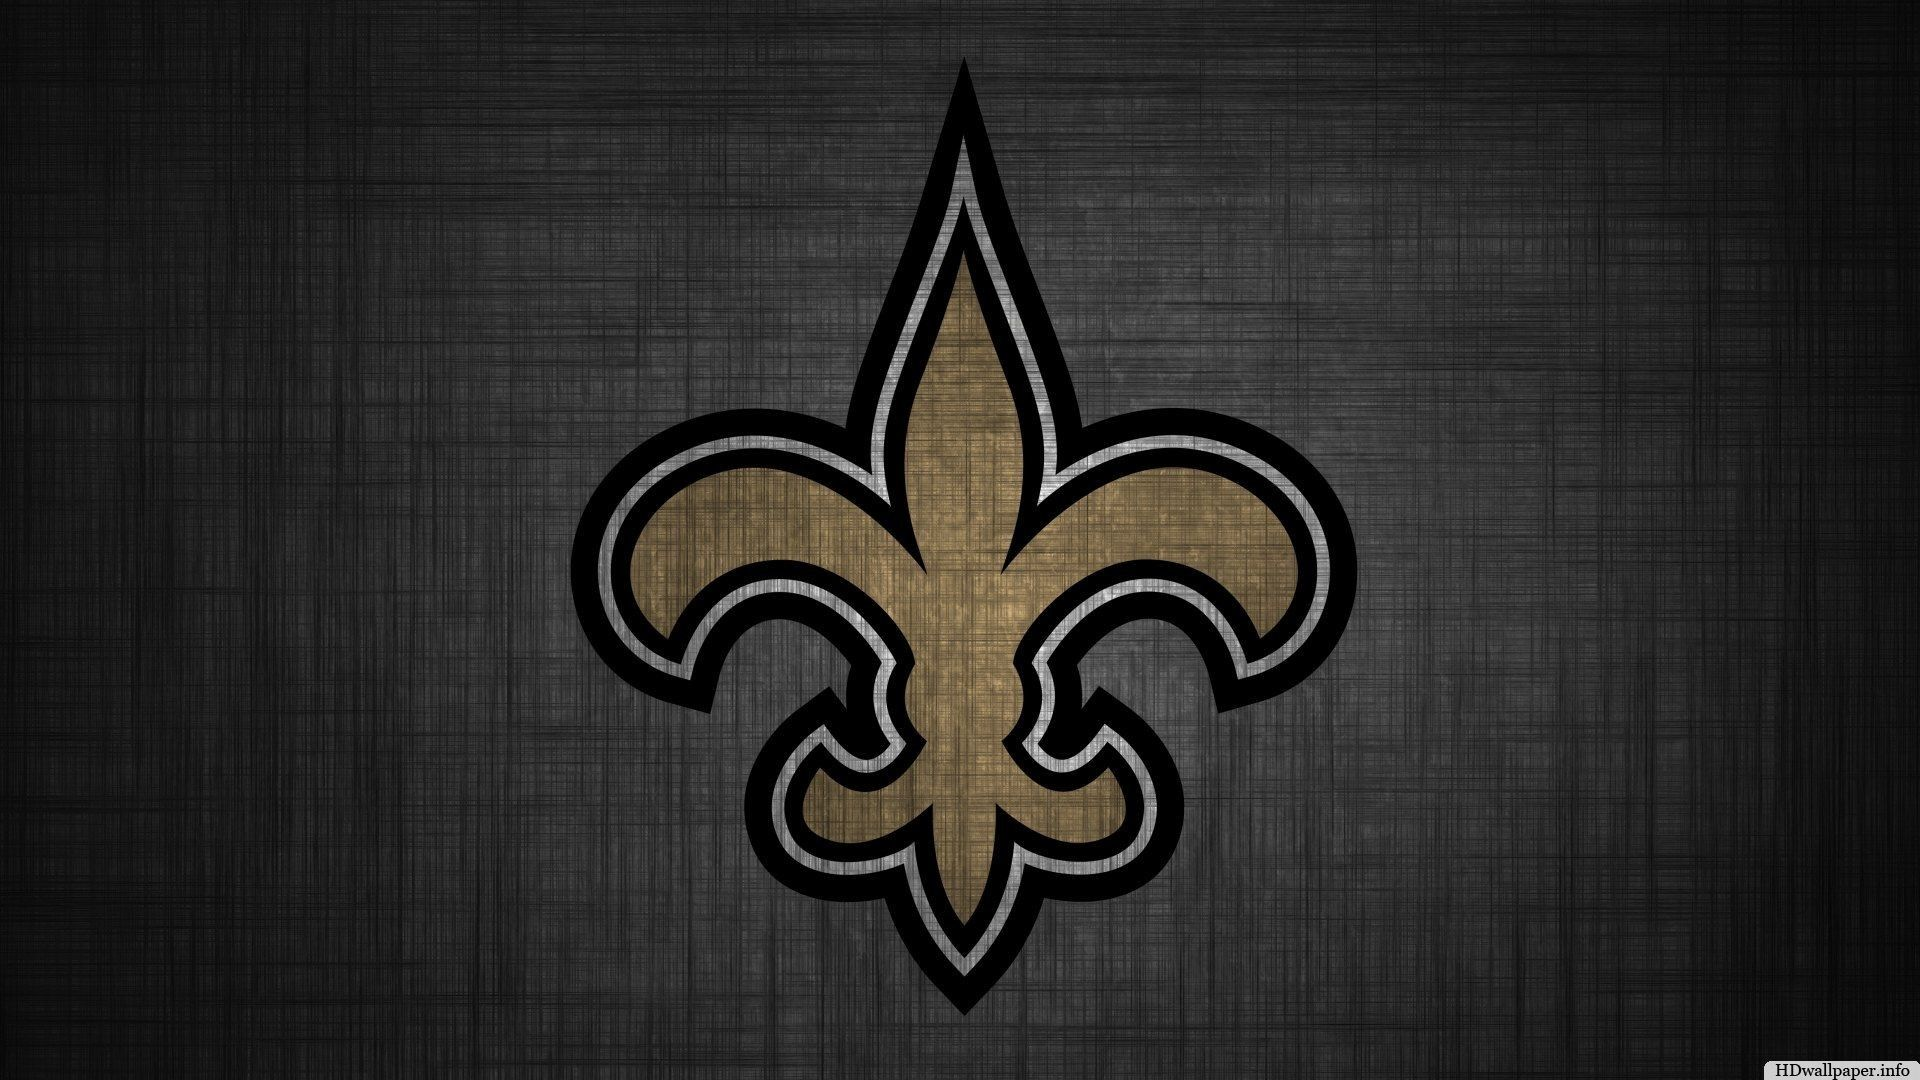 New Orleans Saints Wallpapers   Top New Orleans Saints 1920x1080